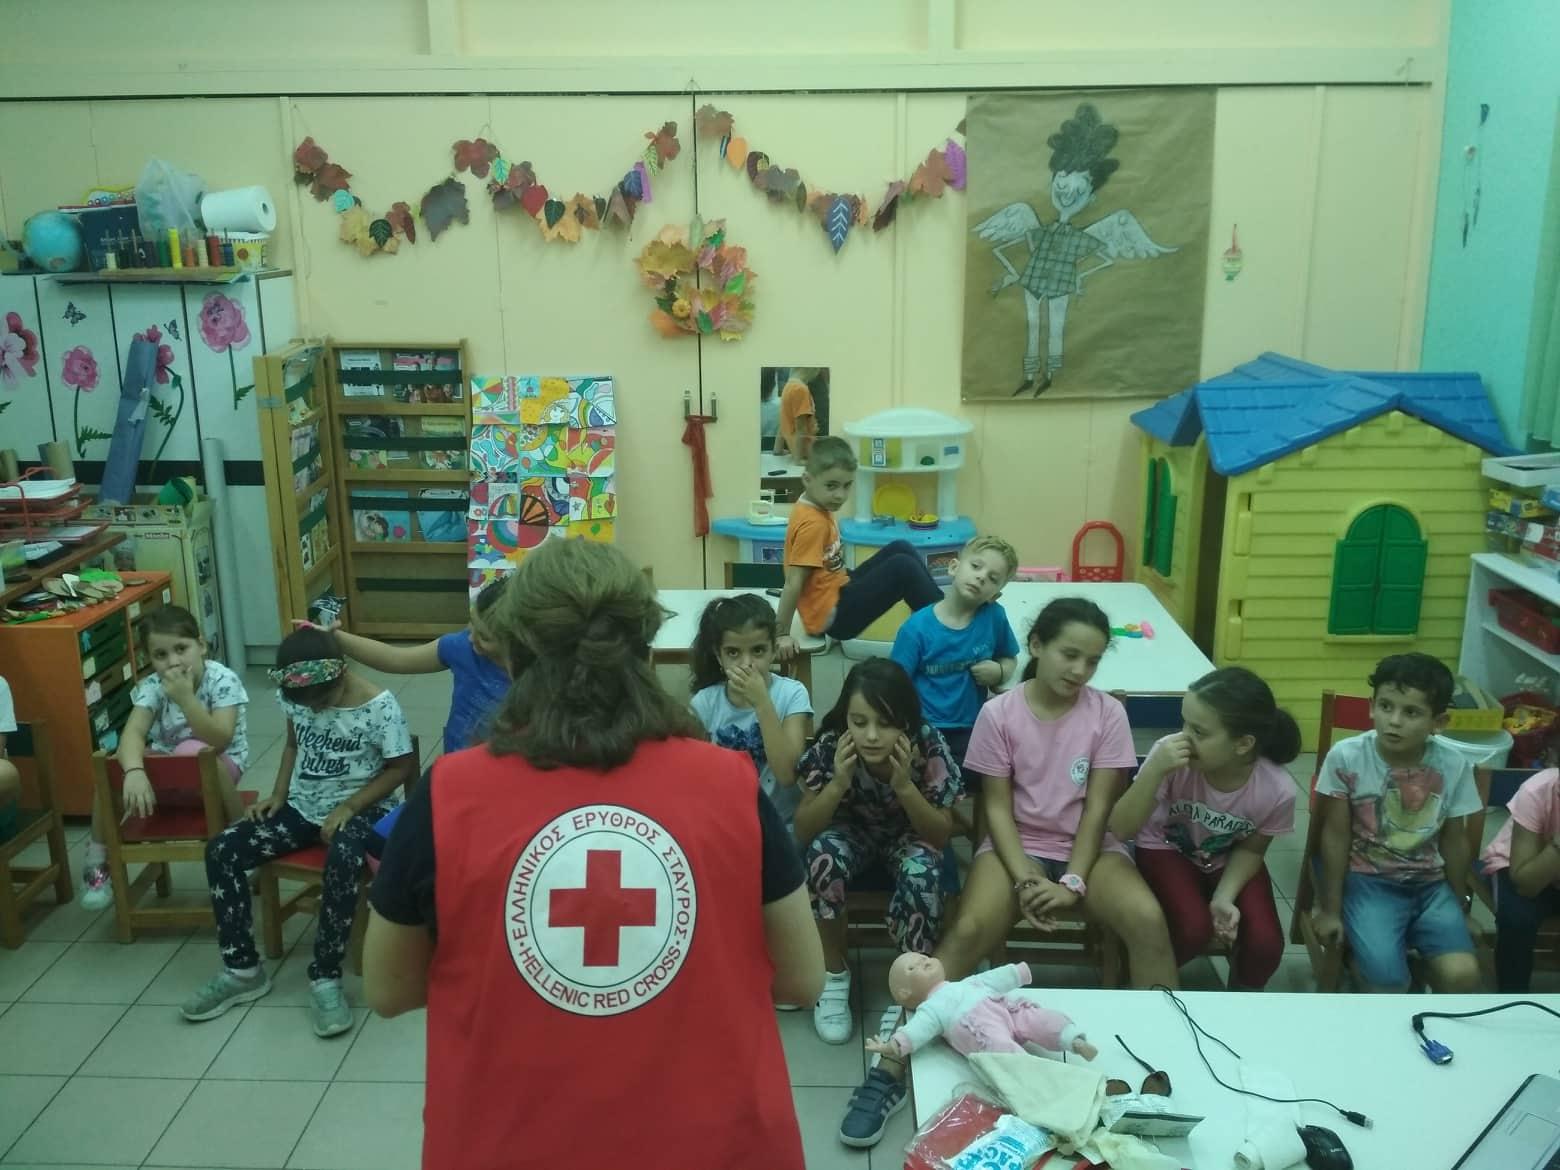 Μαθήματα Πρώτων Βοηθειών στα ΚΔΑΠ του Δήμου Λαρισαίων από τον Ελληνικό Ερυθρό Σταυρό